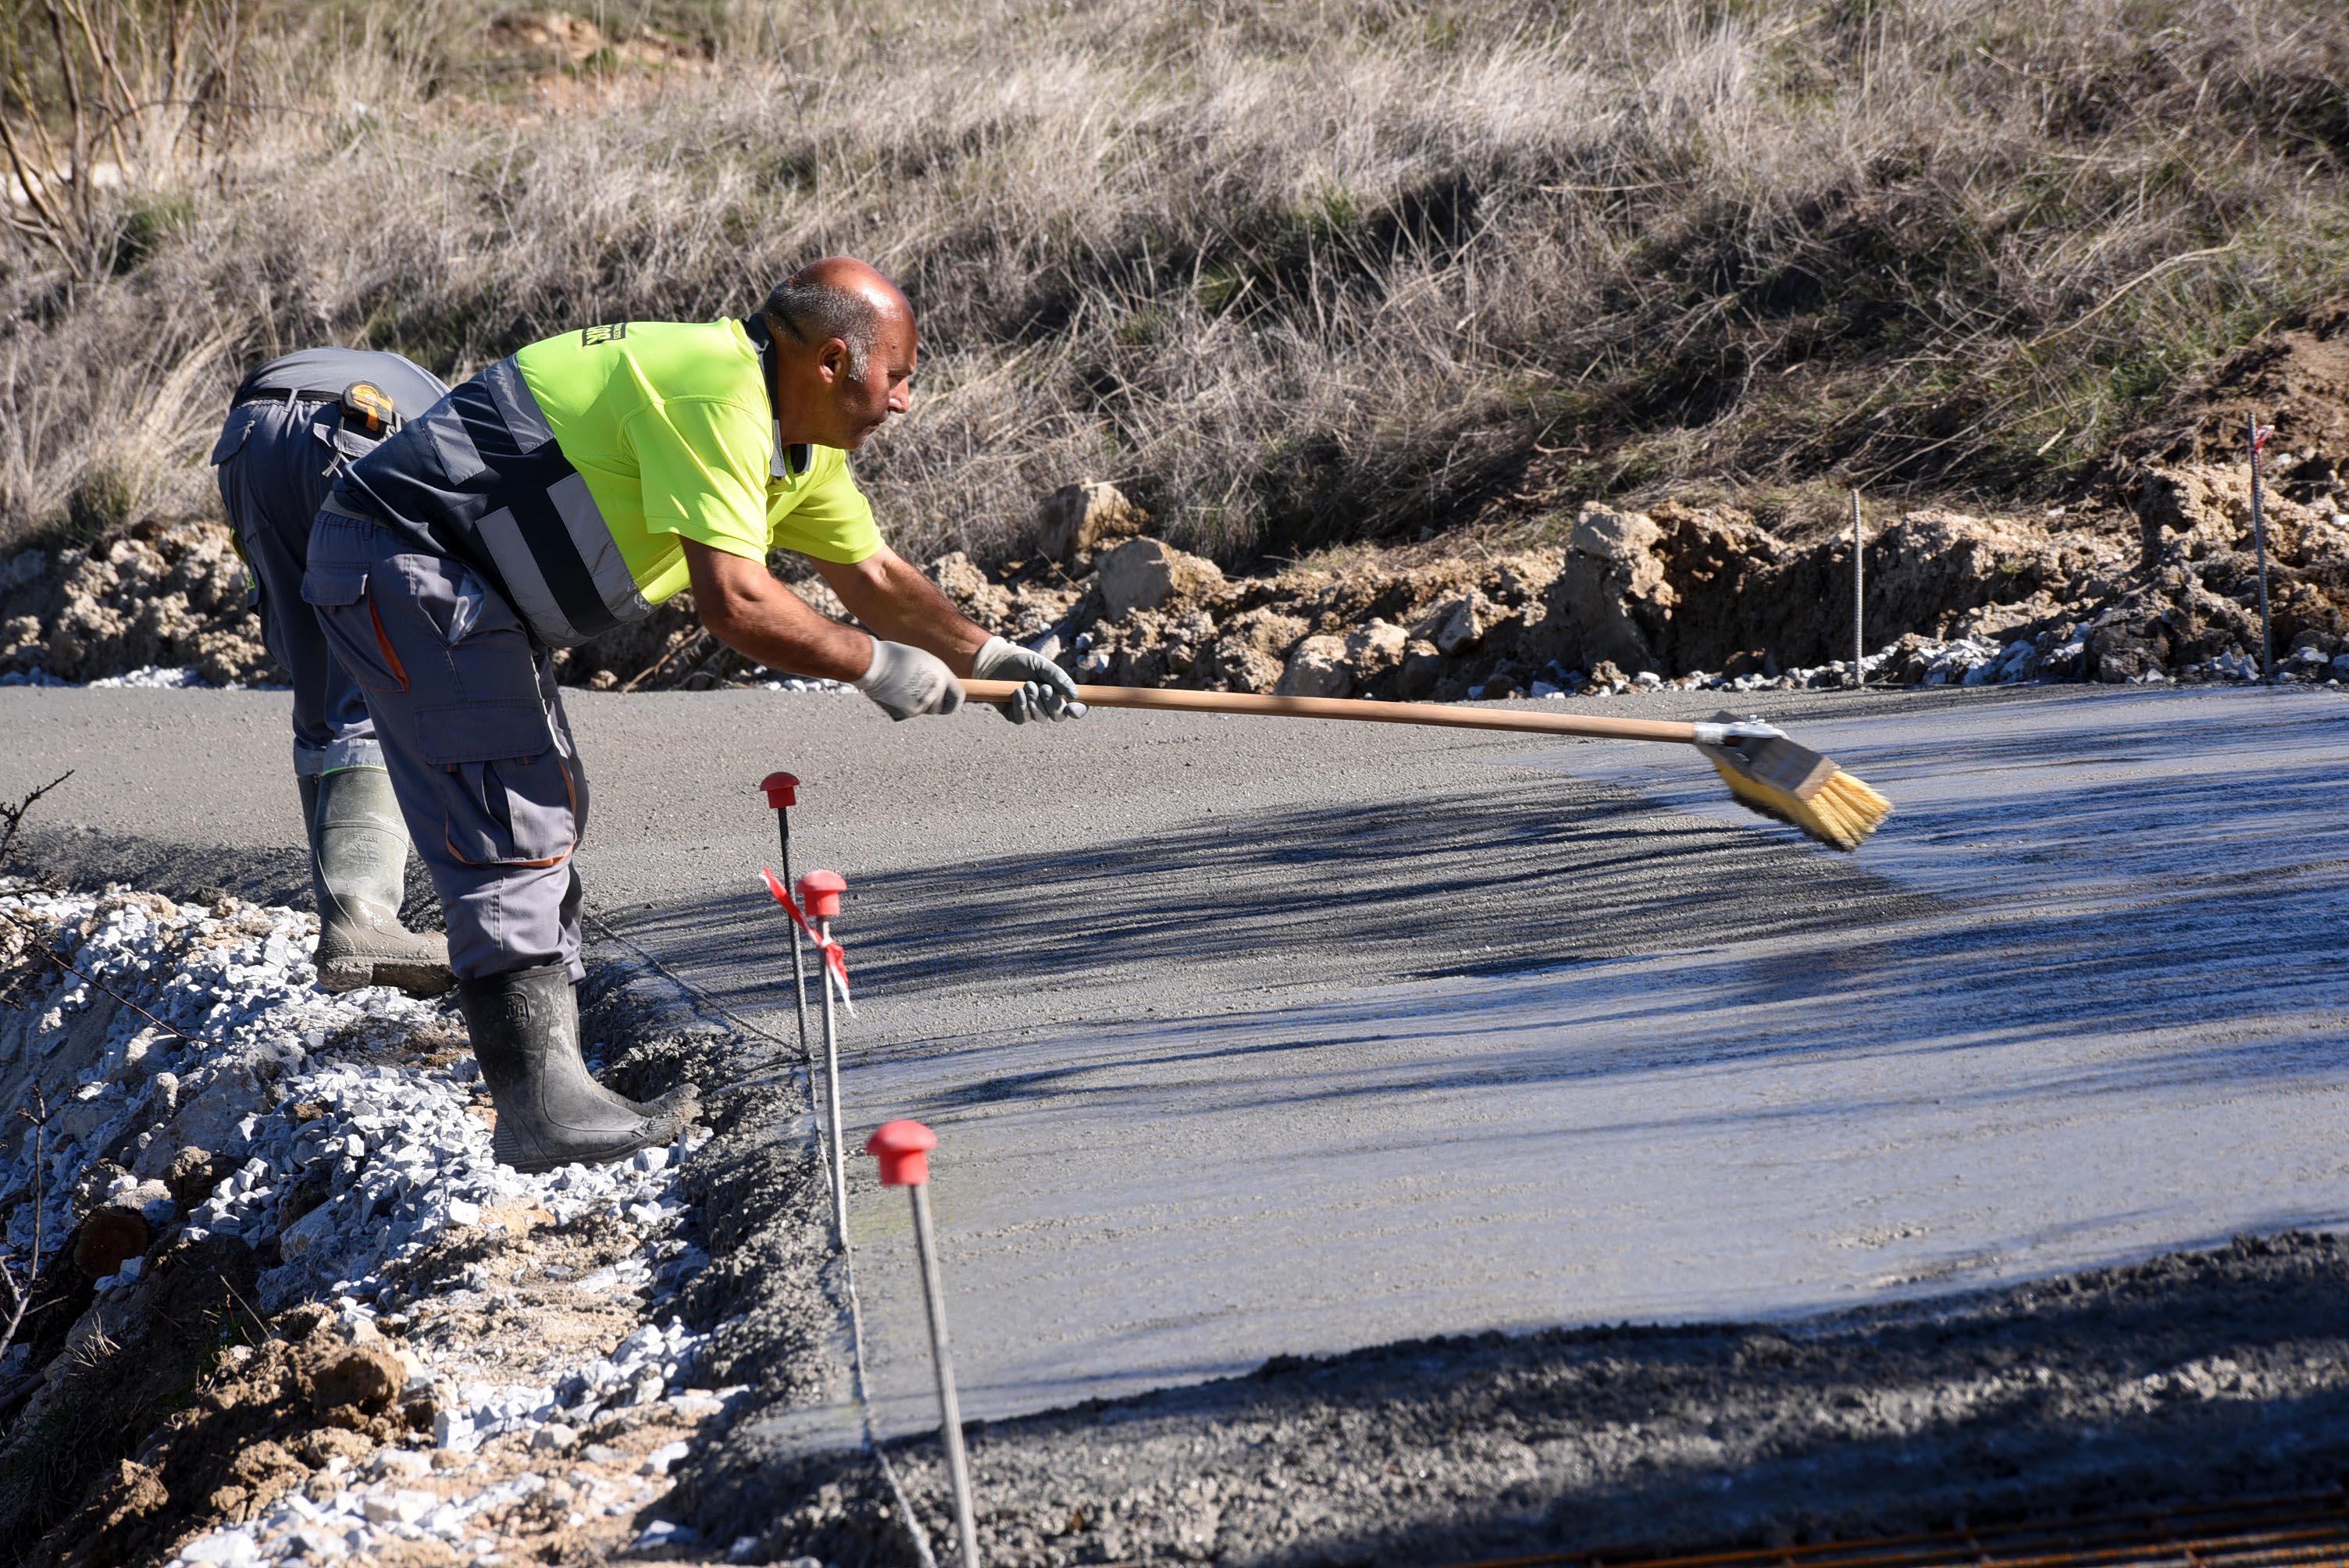 Diputación destina 2 millones de euros a la mejora de los caminos entre los pequeños núcleos de población de los municipios